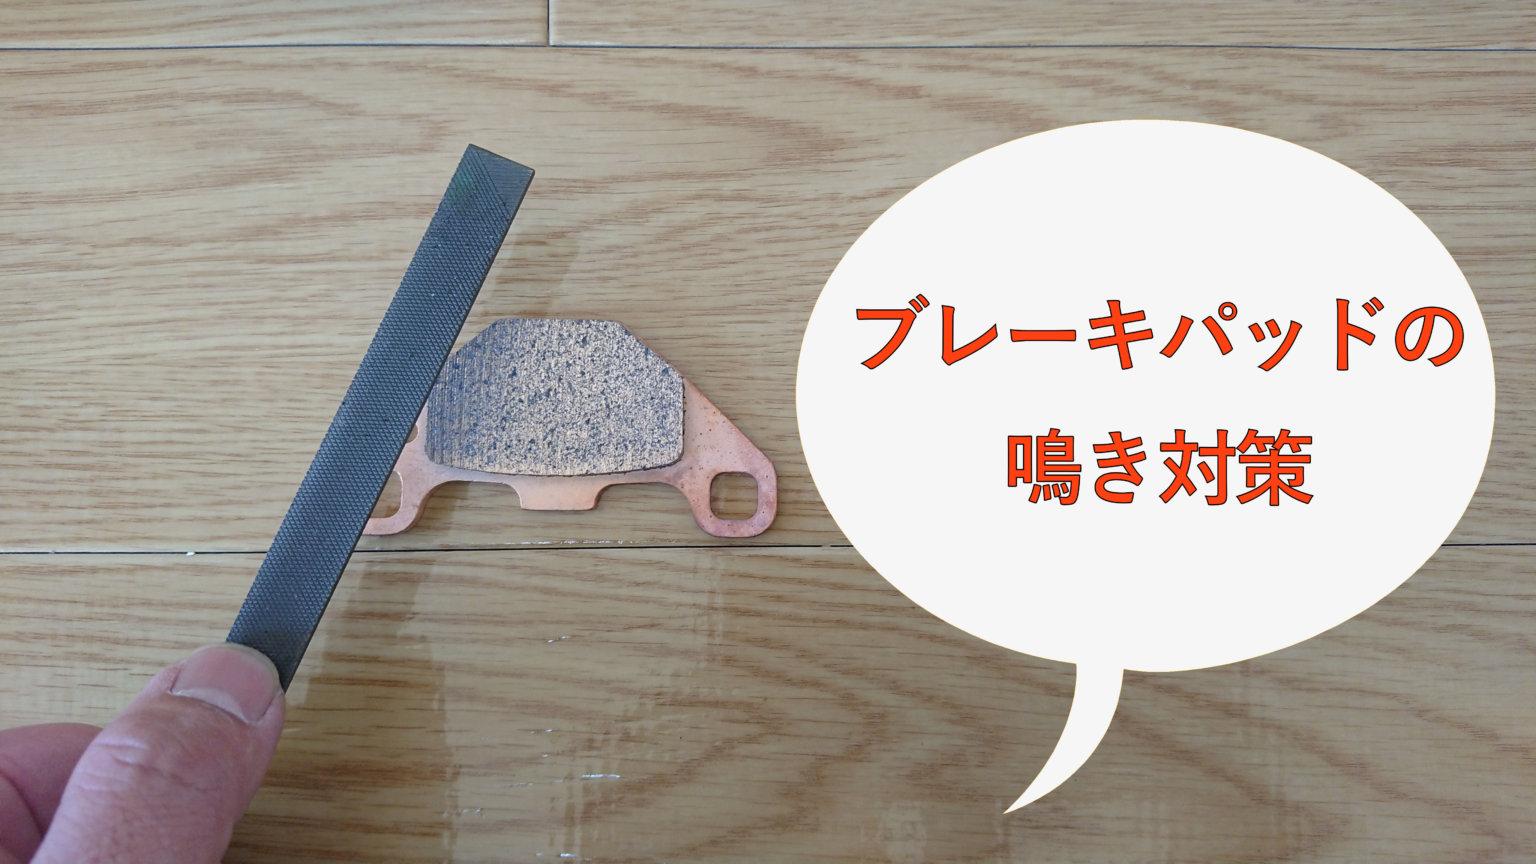 ブレーキから「キーキー」と異音発生!ブレーキパッドの面取り作業で解決!!